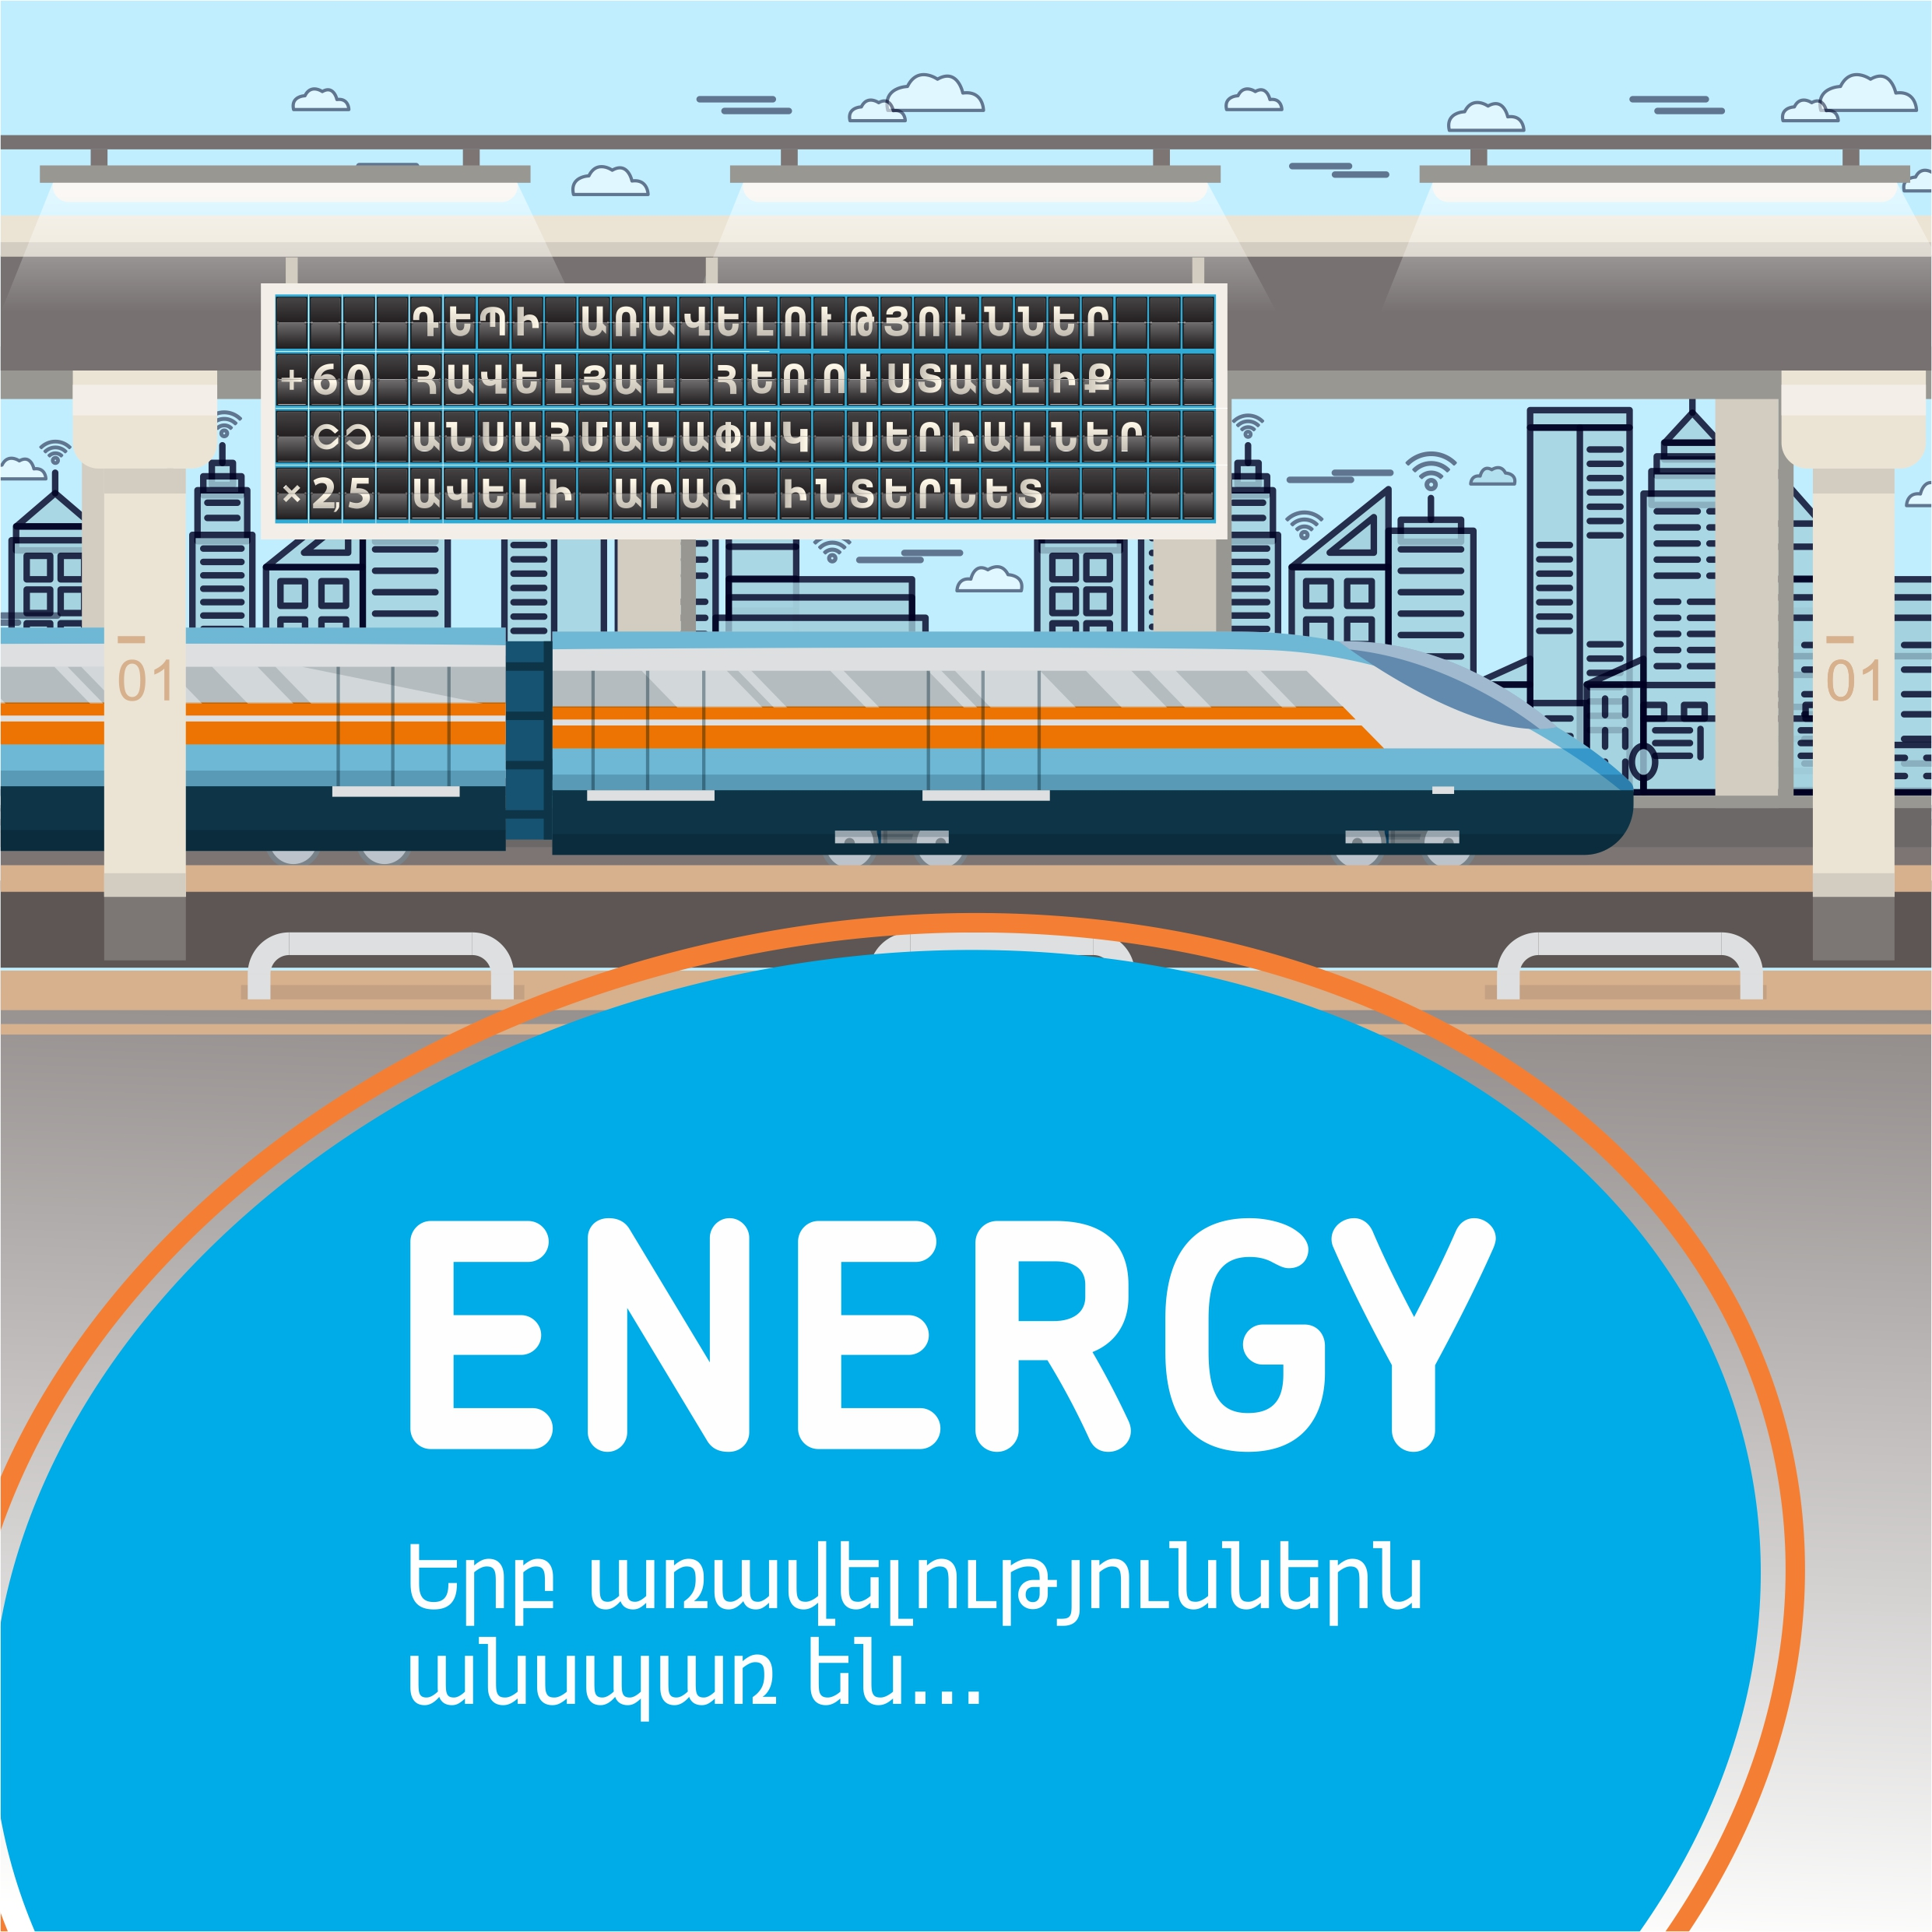 Ռոստելեկոմ․ նոր առաջարկ՝ Energy